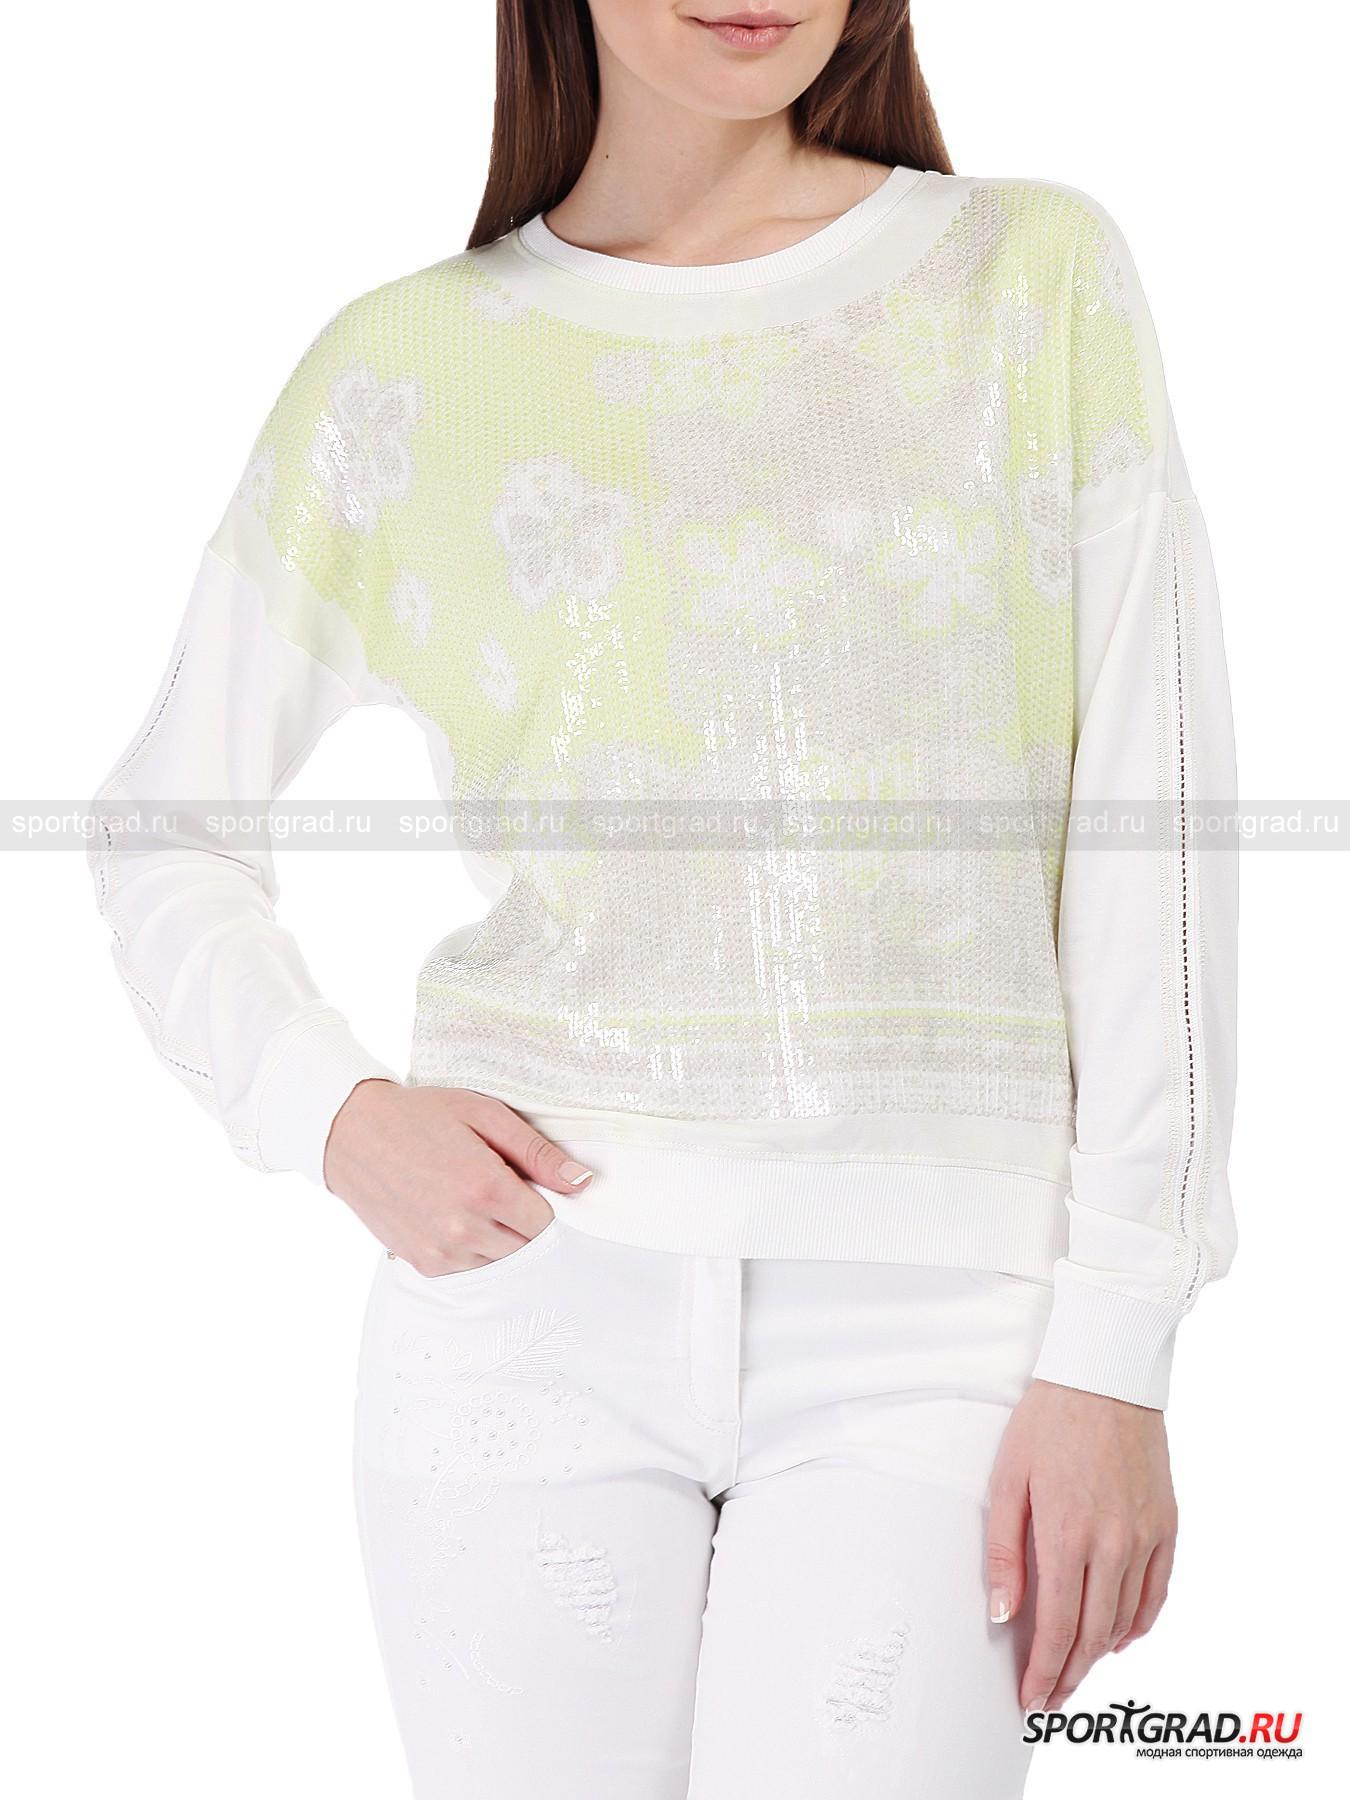 Толстовка женская Noelia SPORTALMДжемперы, Свитеры, Пуловеры<br>Дизайнеры бренда Sportalm способны превратить самые простые и привычные вещи в уникальные и изысканные,  и представленная на этой странице толстовка Noelia тому подтверждение. Она скроена по типу стандартного свитшота, однако модель выделяет необычный материал и впечатляющий декор. <br><br>Ткань, из которой изготовлена толстовка, довольно тонкая, очень мягкая и струящаяся – надевать эту вещь одно удовольствие. Фронтальная часть украшена цветочным принтом и прозрачными блестящими пайетками.<br><br>Пол: Женский<br>Возраст: Взрослый<br>Тип: Джемперы, Свитеры, Пуловеры<br>Рекомендации по уходу: стирка в теплой воде до 30 С; не отбеливать; гладить слегка нагретым утюгом (температура до 110 C); химическая чистка запрещена; нельзя сушить в стиральной машине<br>Состав: 45% вискоза, 45% модал, 10% эластан